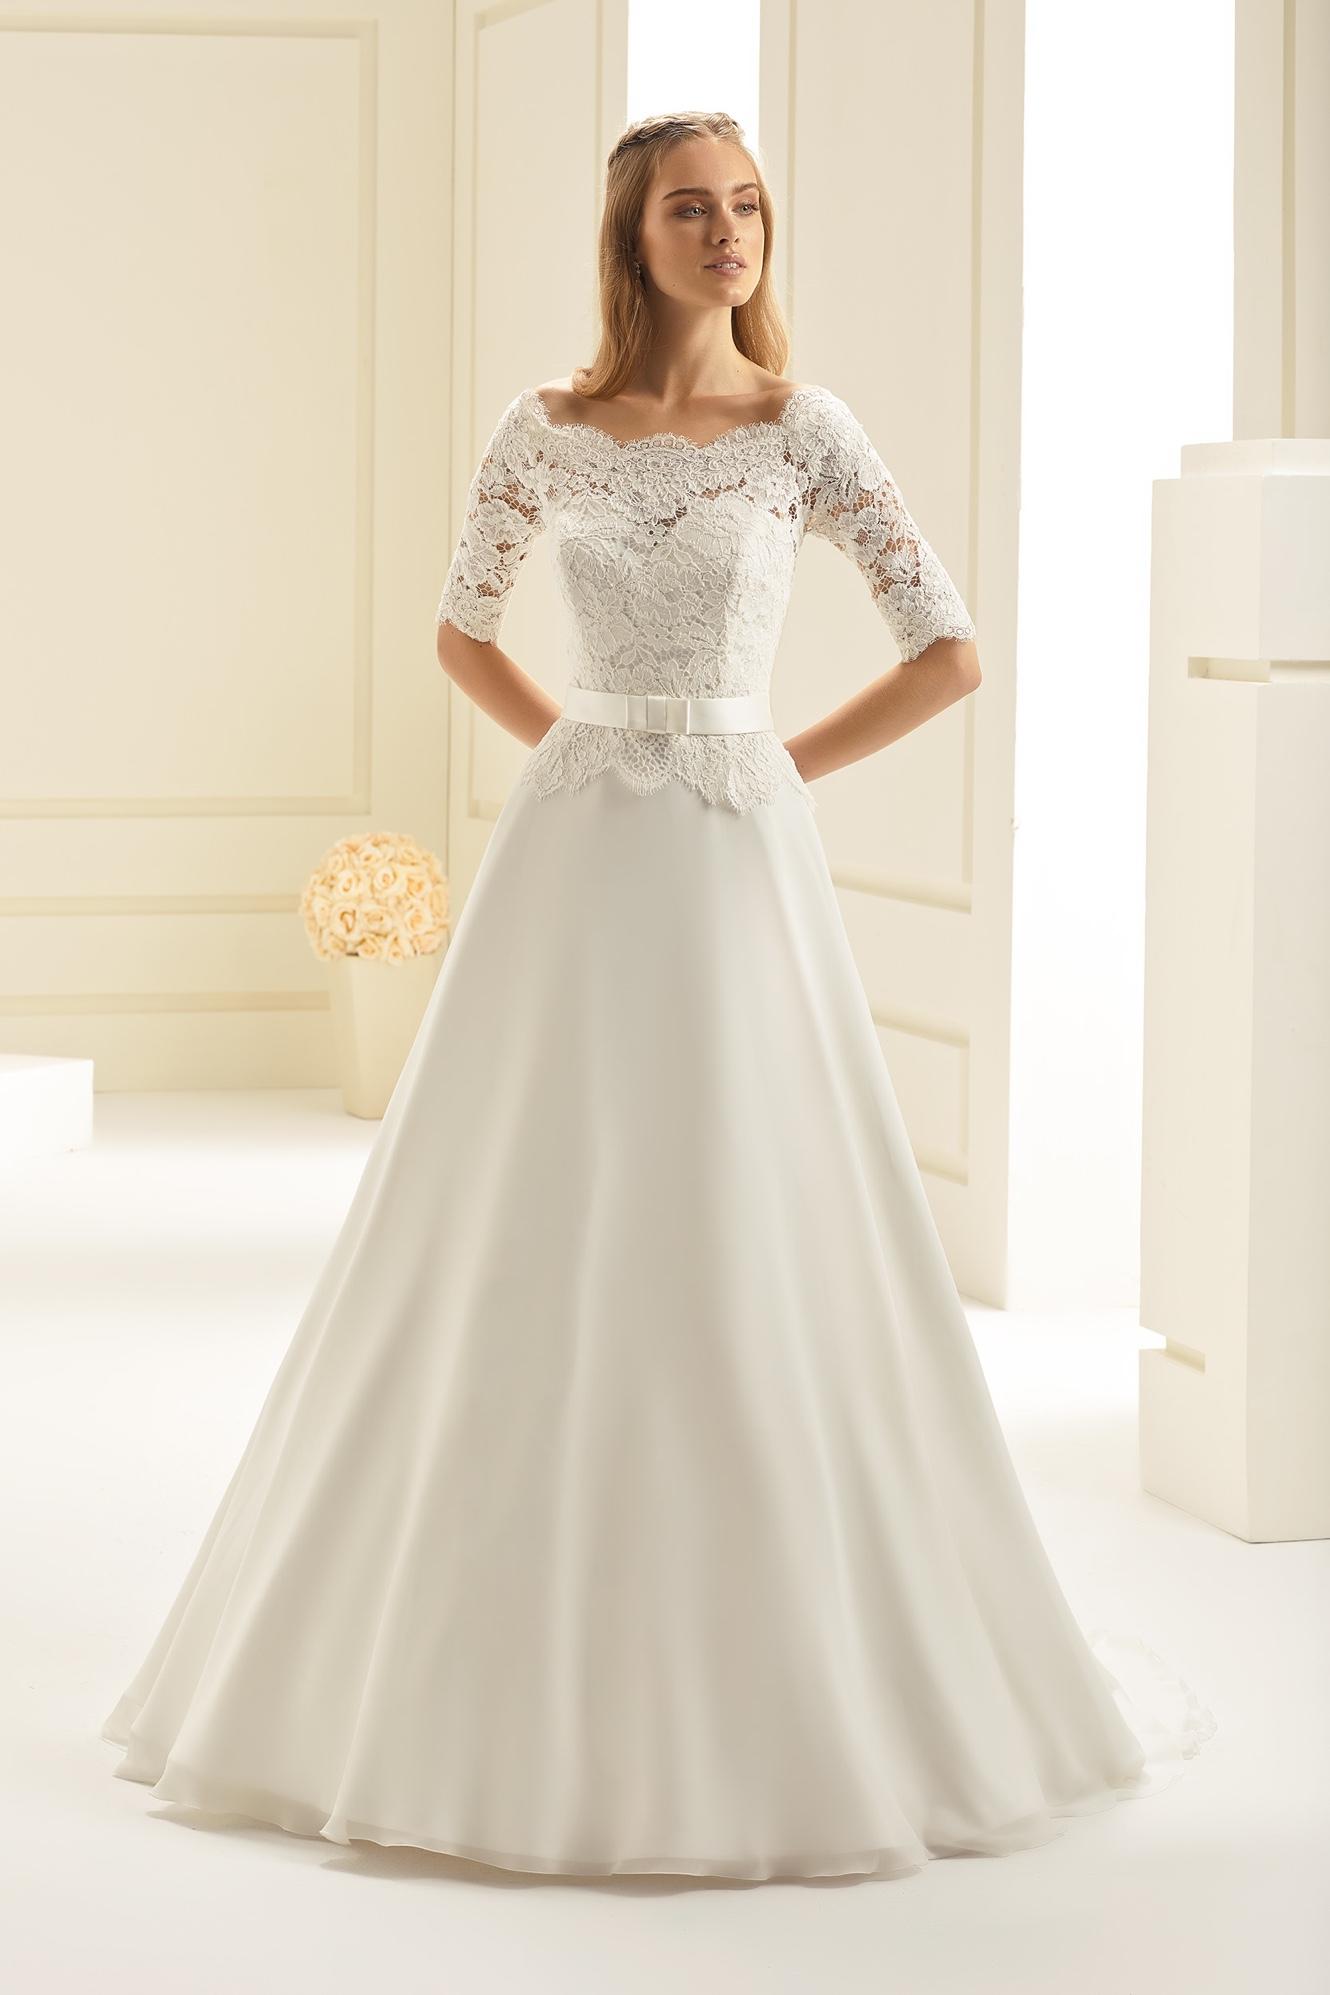 Bruidsjurken Tot 500 Euro.Trouwjurk Van De Maand Wedding Wonderland